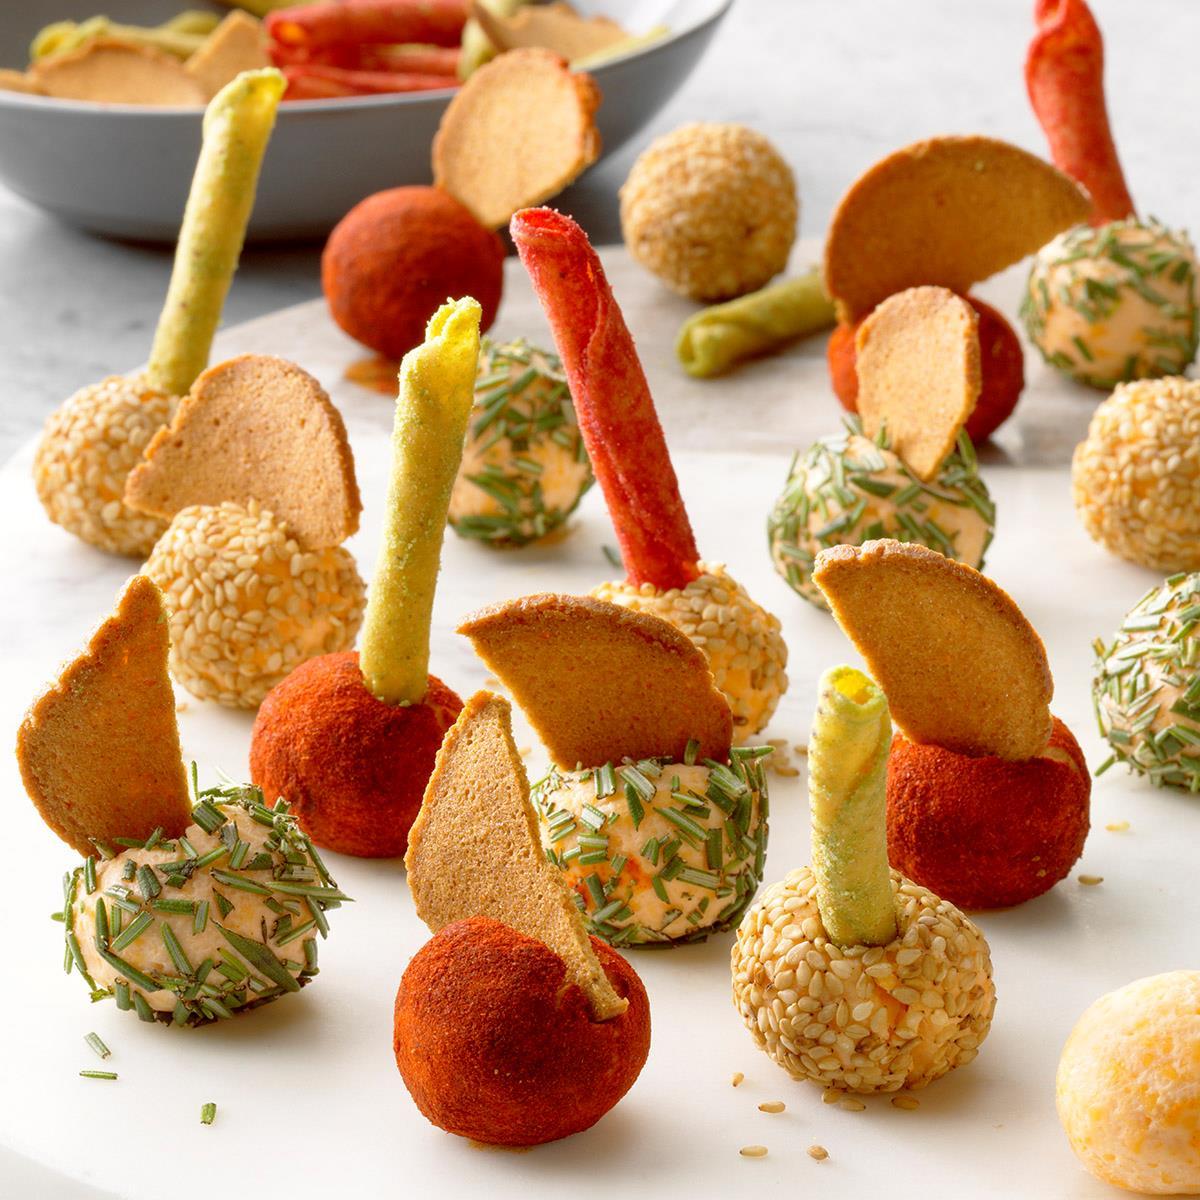 Mini Bolas De Queso  Estas mini bolas de queso son el aperitivo rápido perfecto para cualquier fiesta. Cubra con tostadas ...